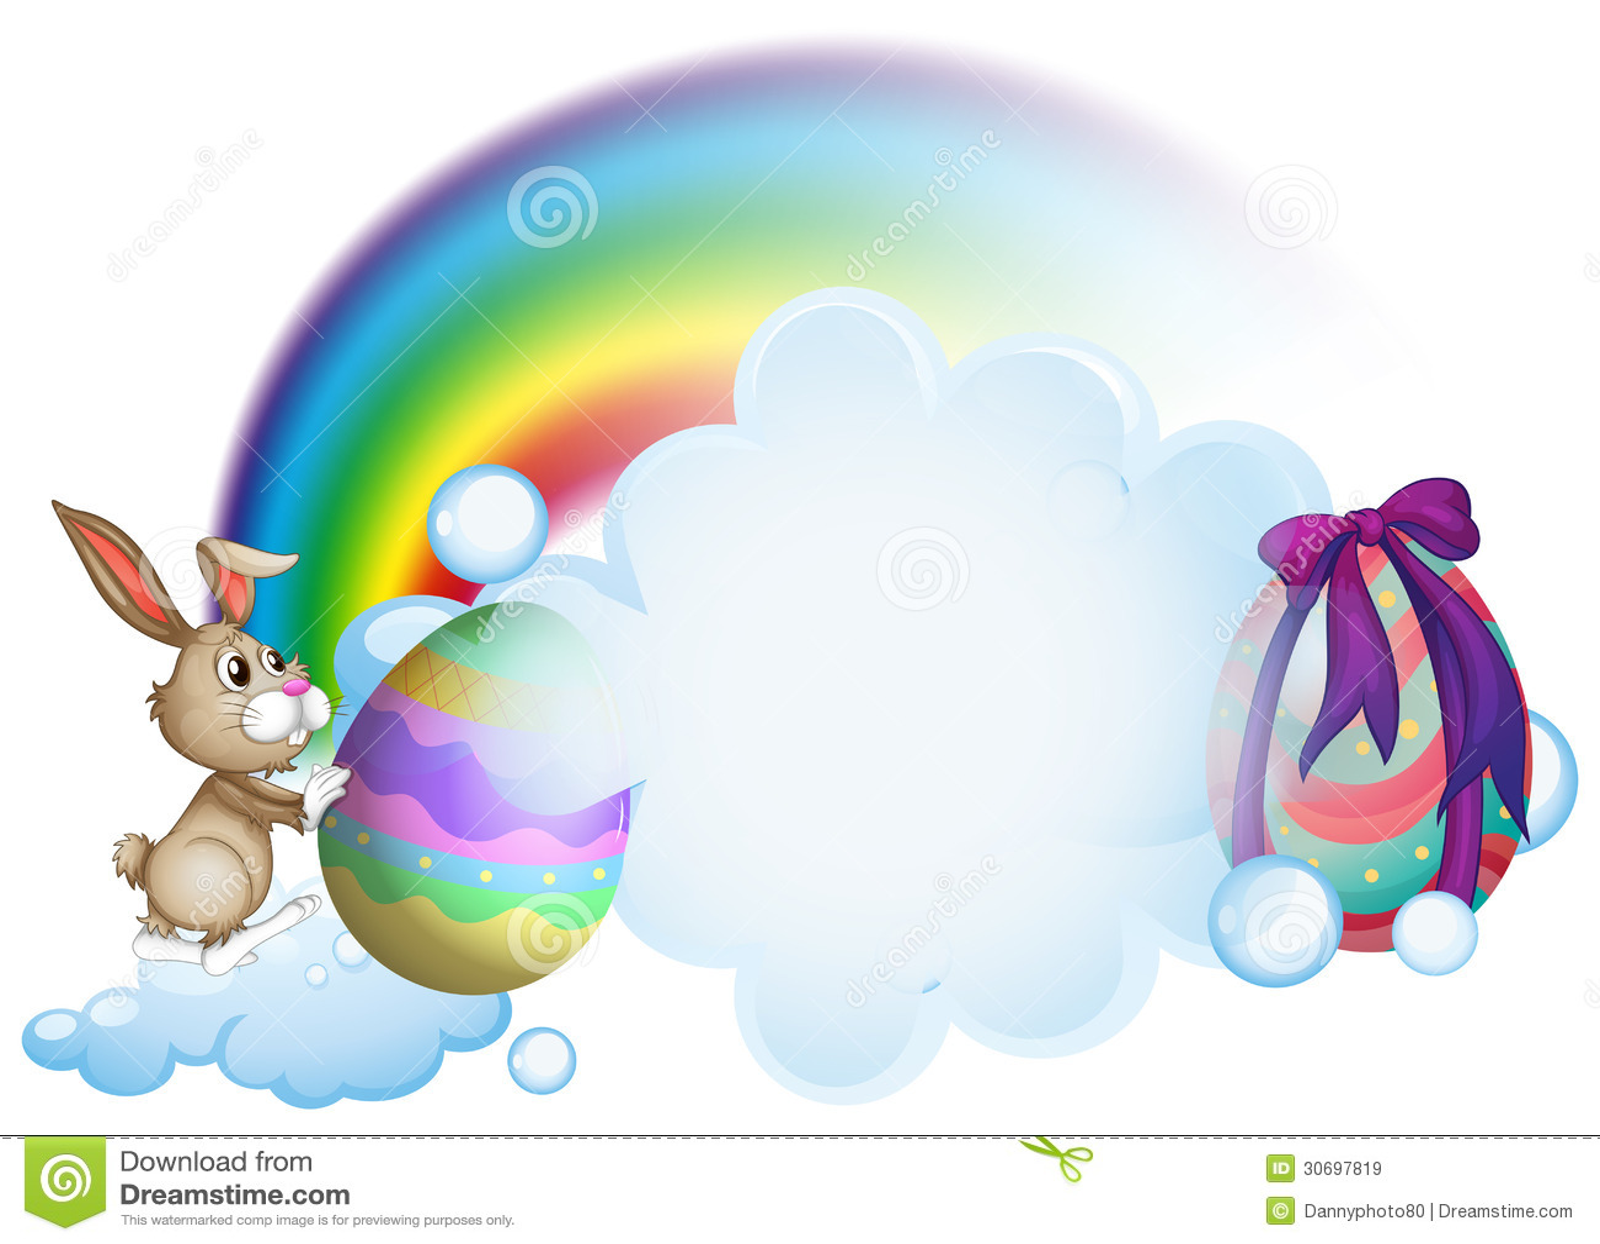 A Bunny And The Easter Eggs Near The Rainbow Stock Vector